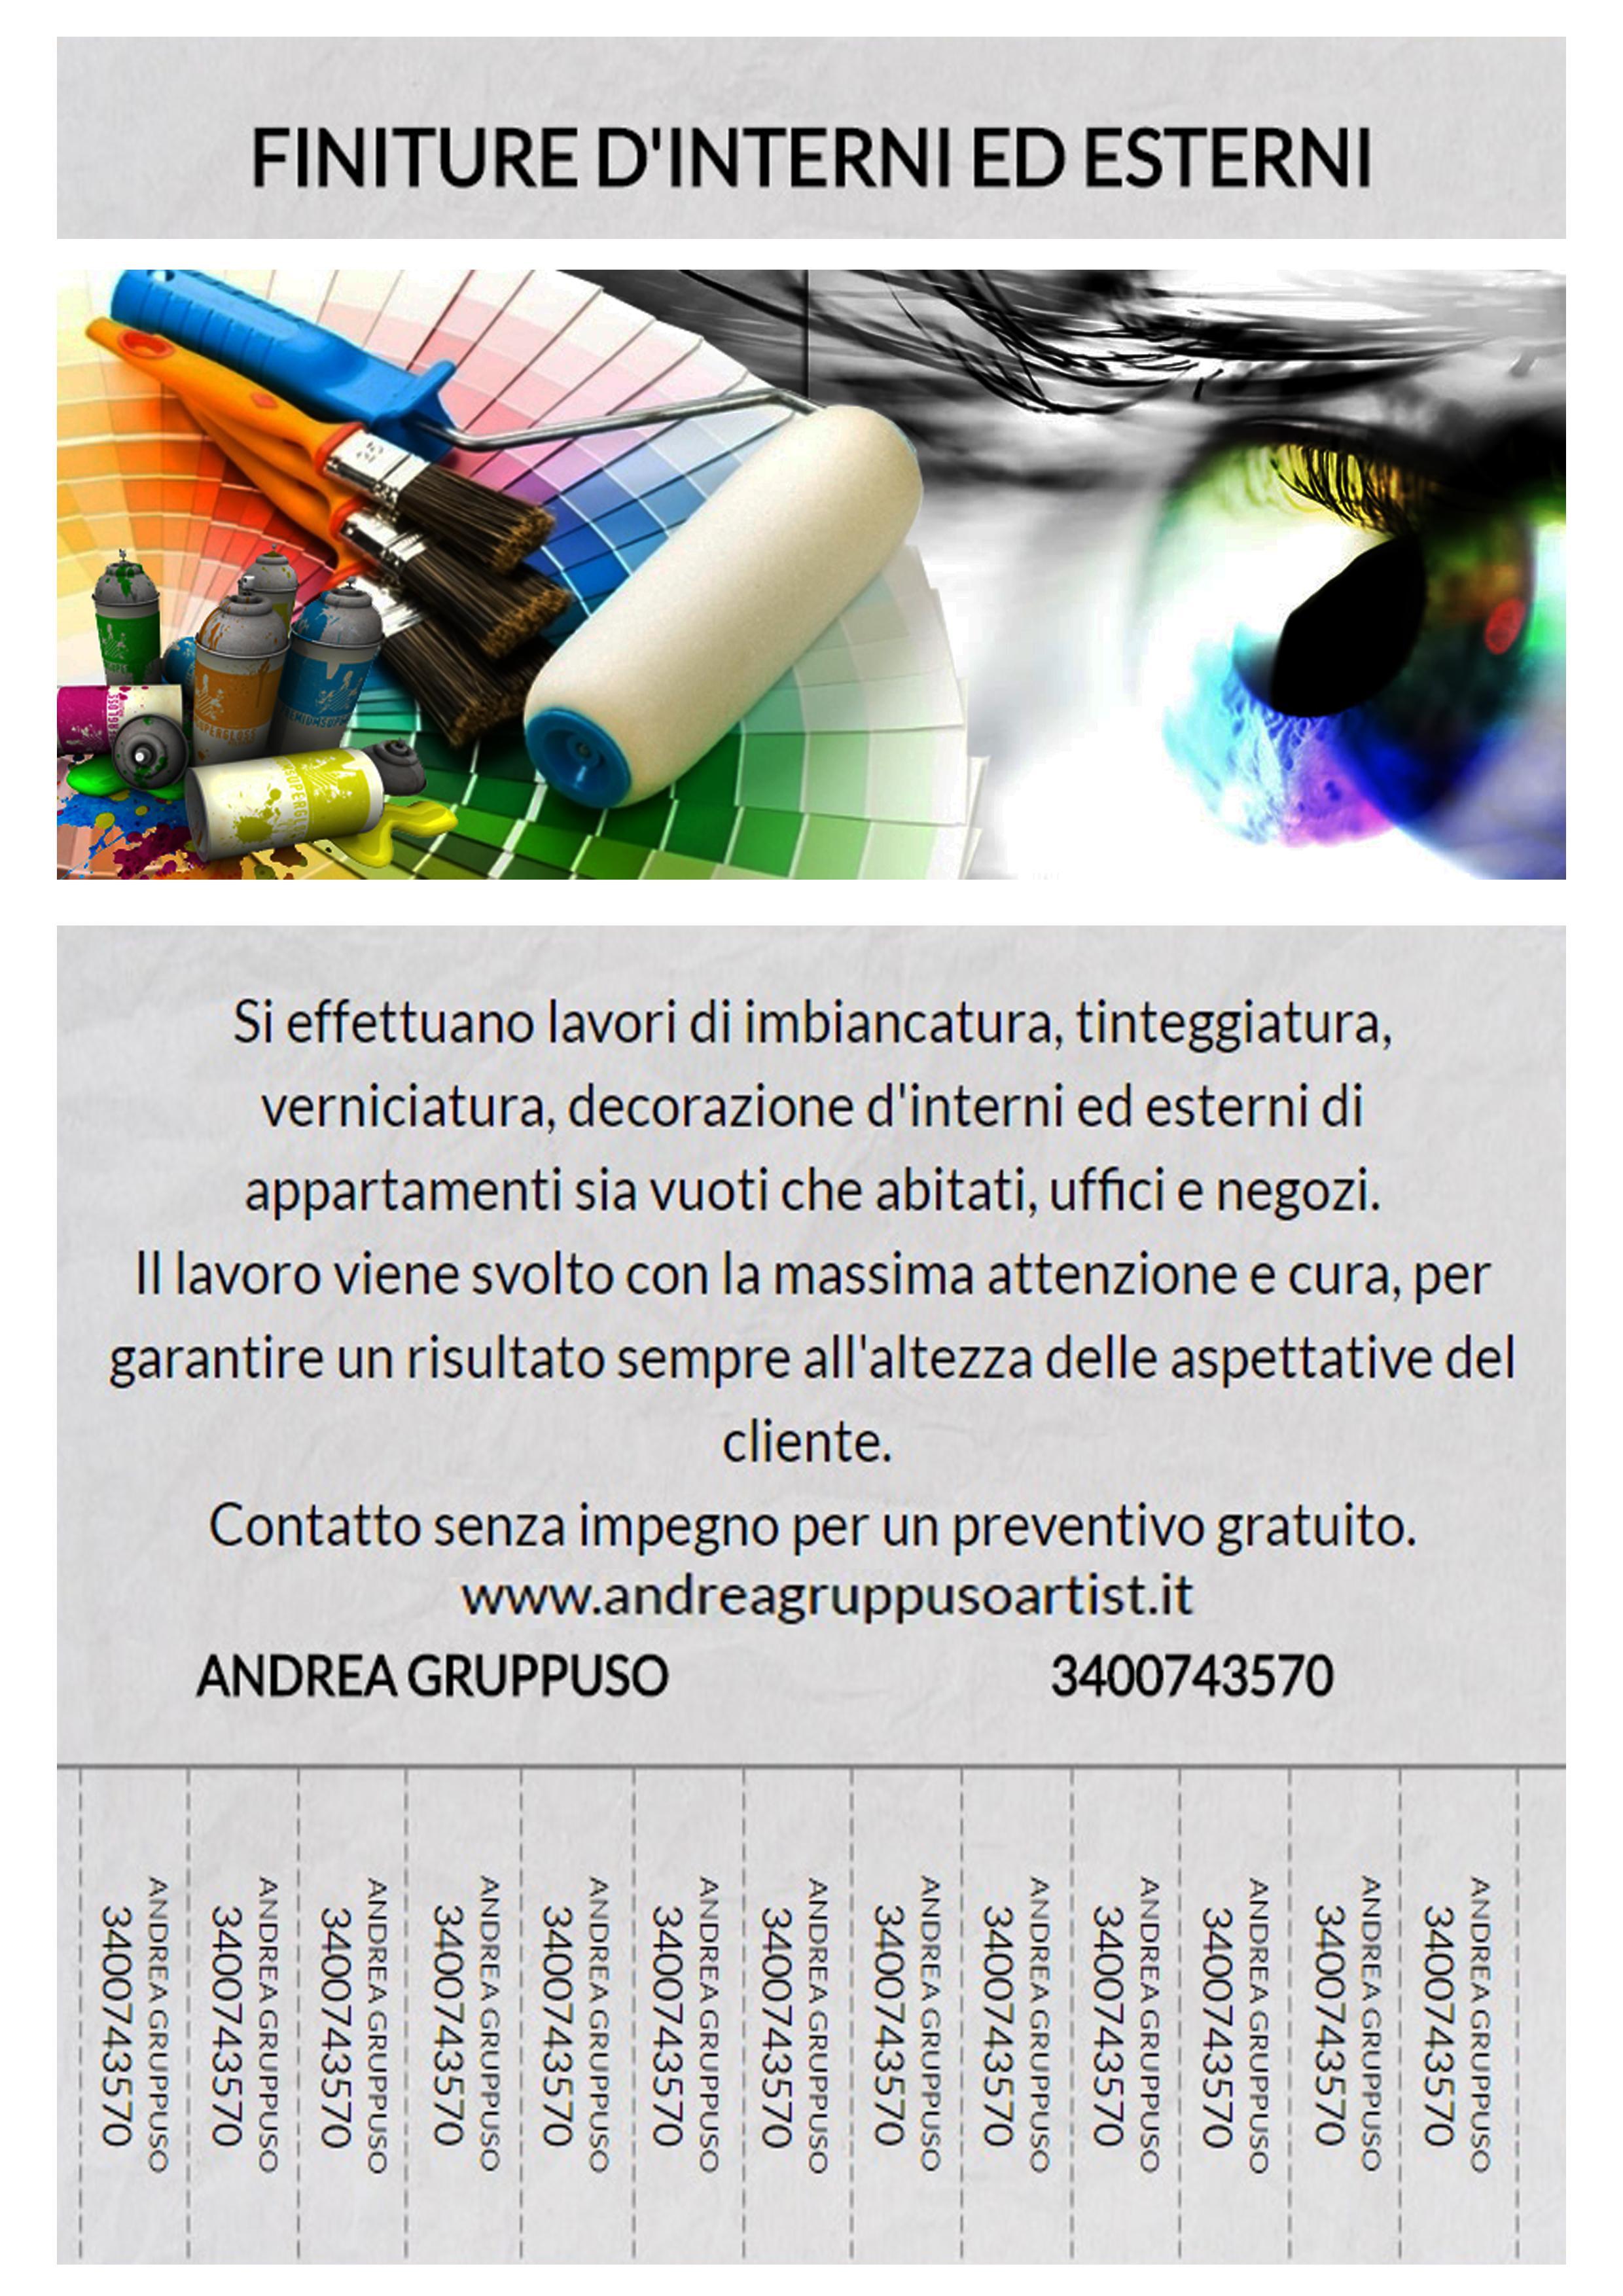 Andrea Gruppuso Designer